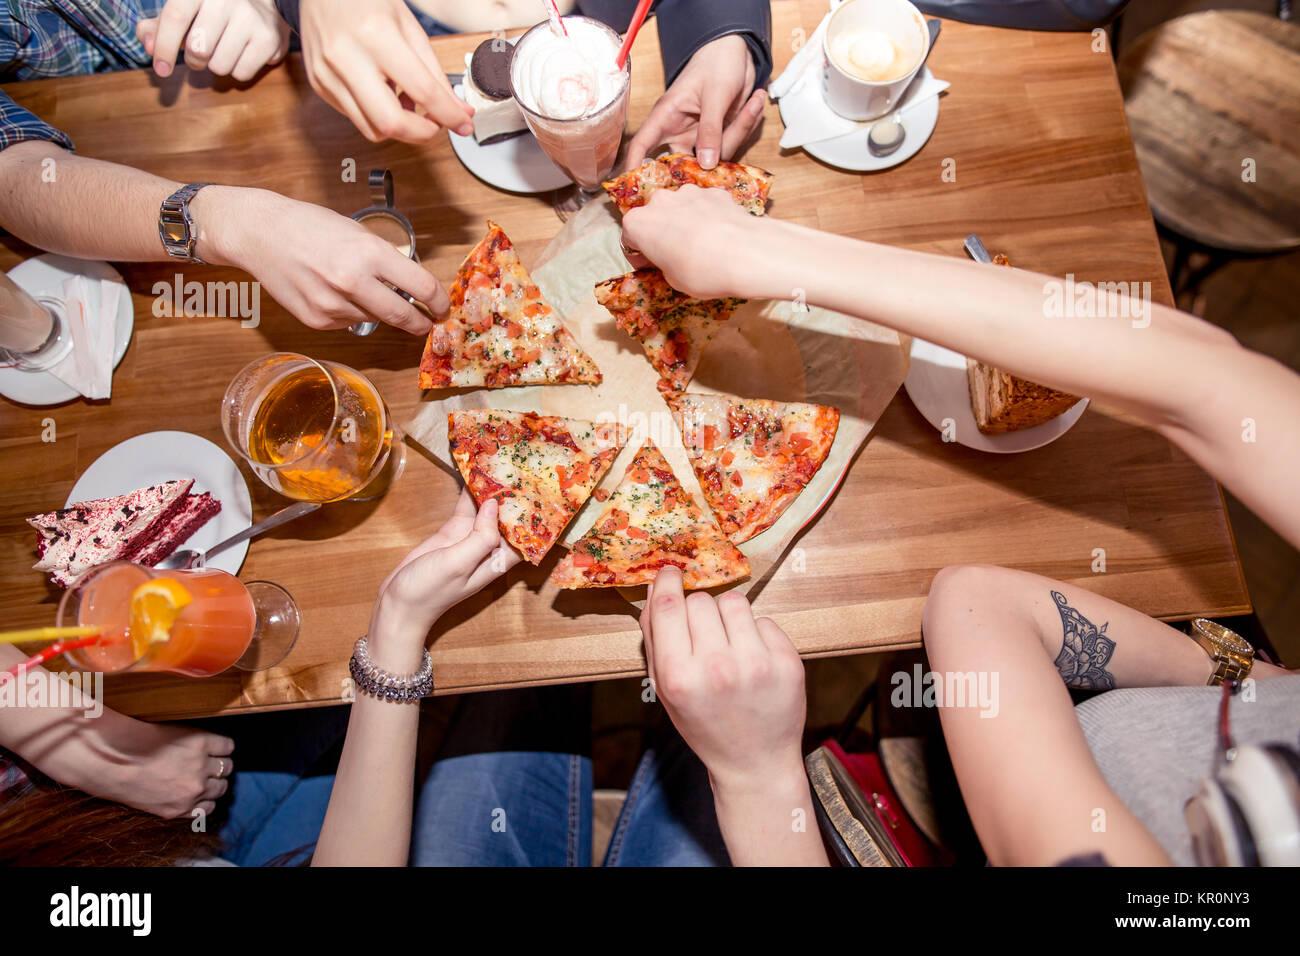 Les amis de manger une pizza à la maison partie, gros plan Banque D'Images